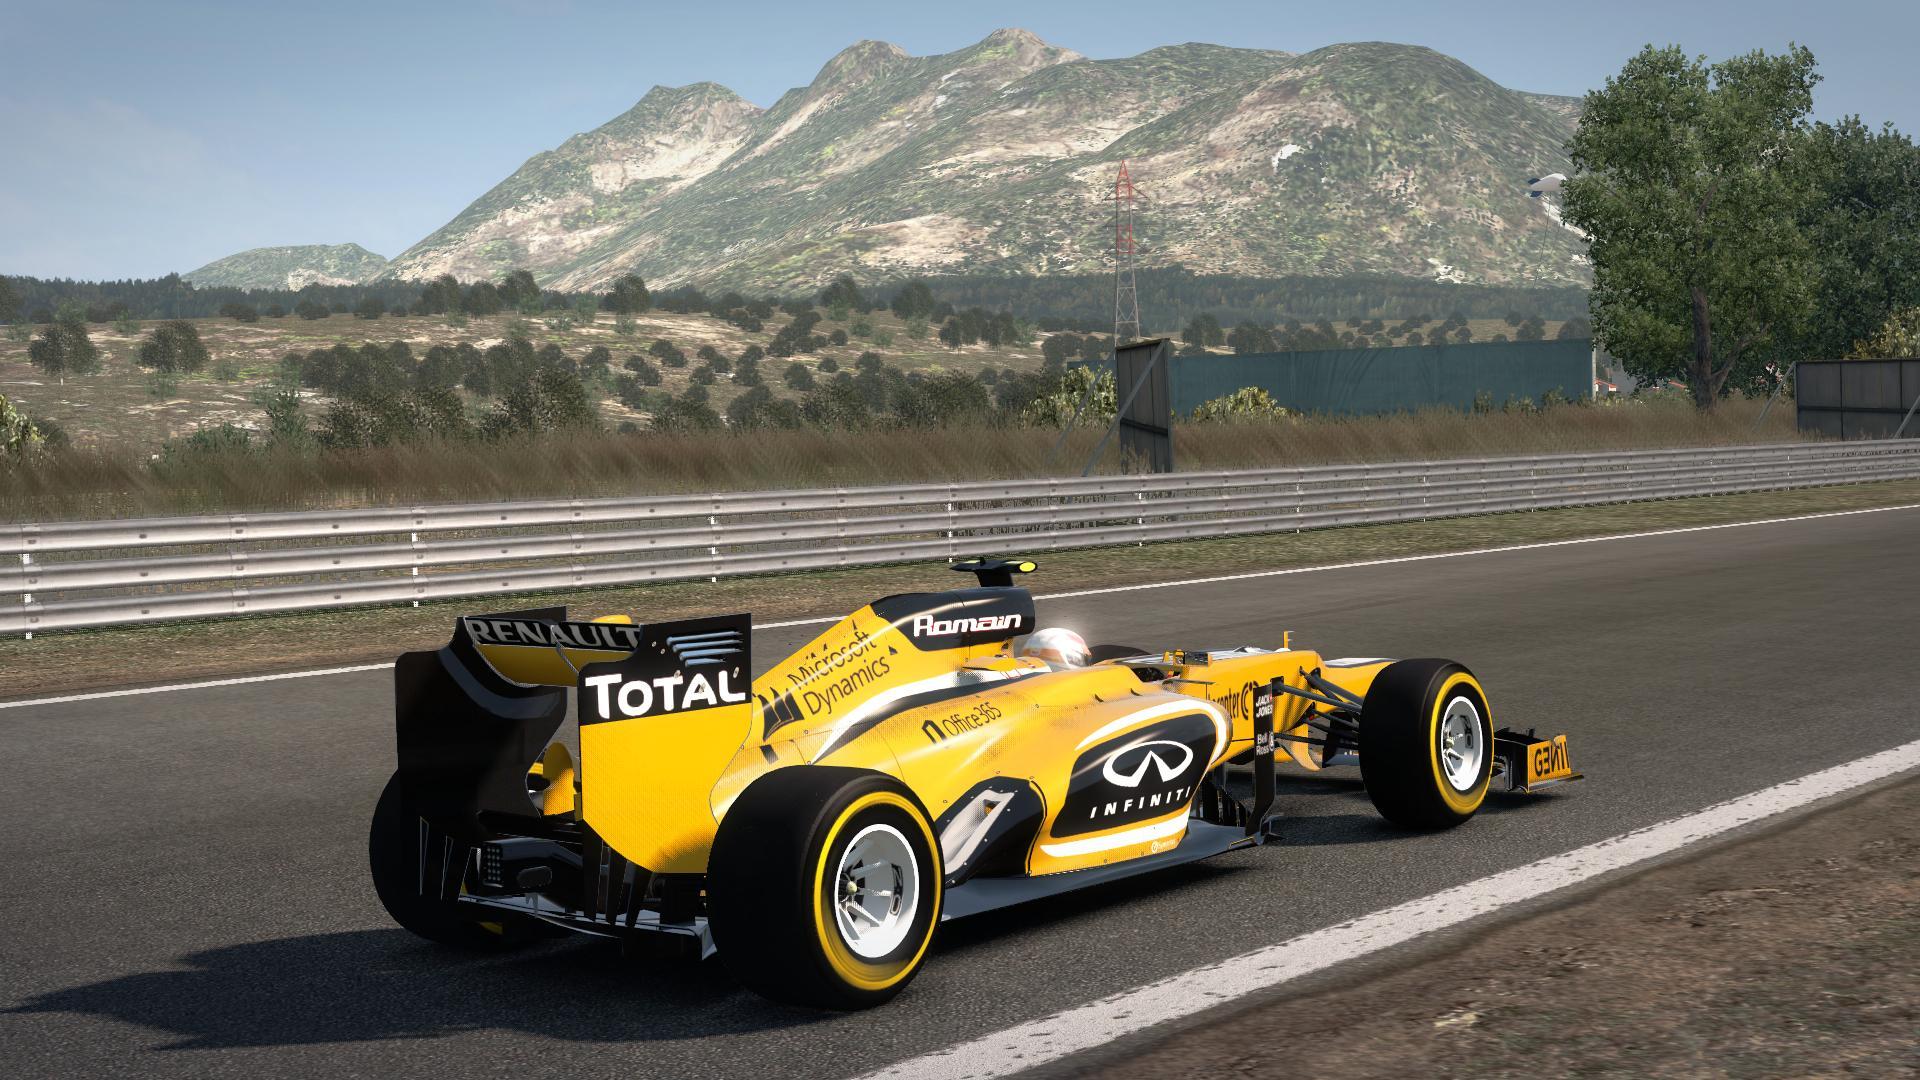 F1_2013 2016-06-24 15-16-40-03.jpg